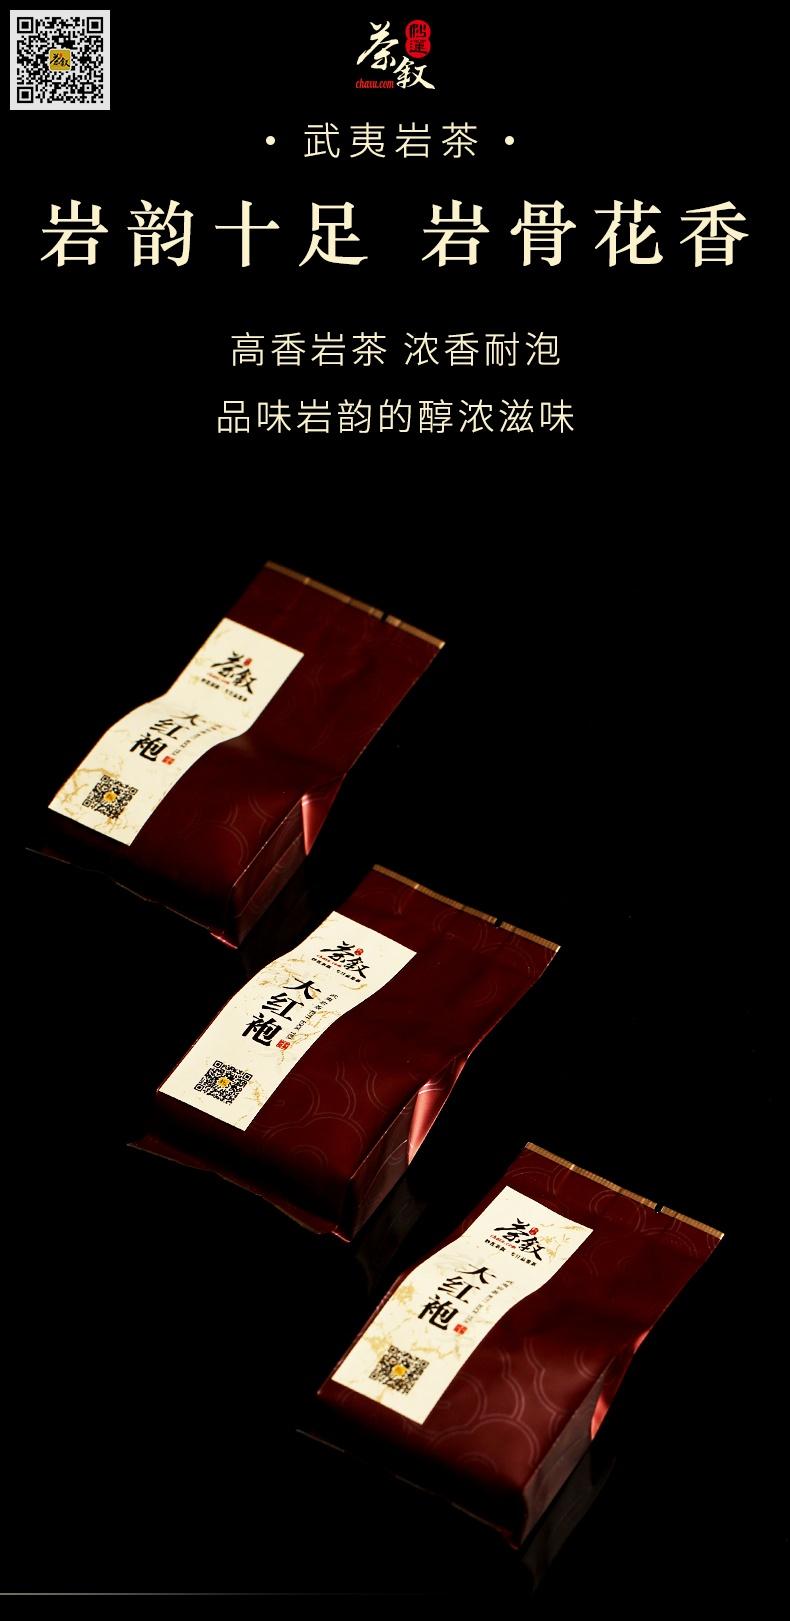 武夷大红袍岩茶工作接待茶泡袋包装